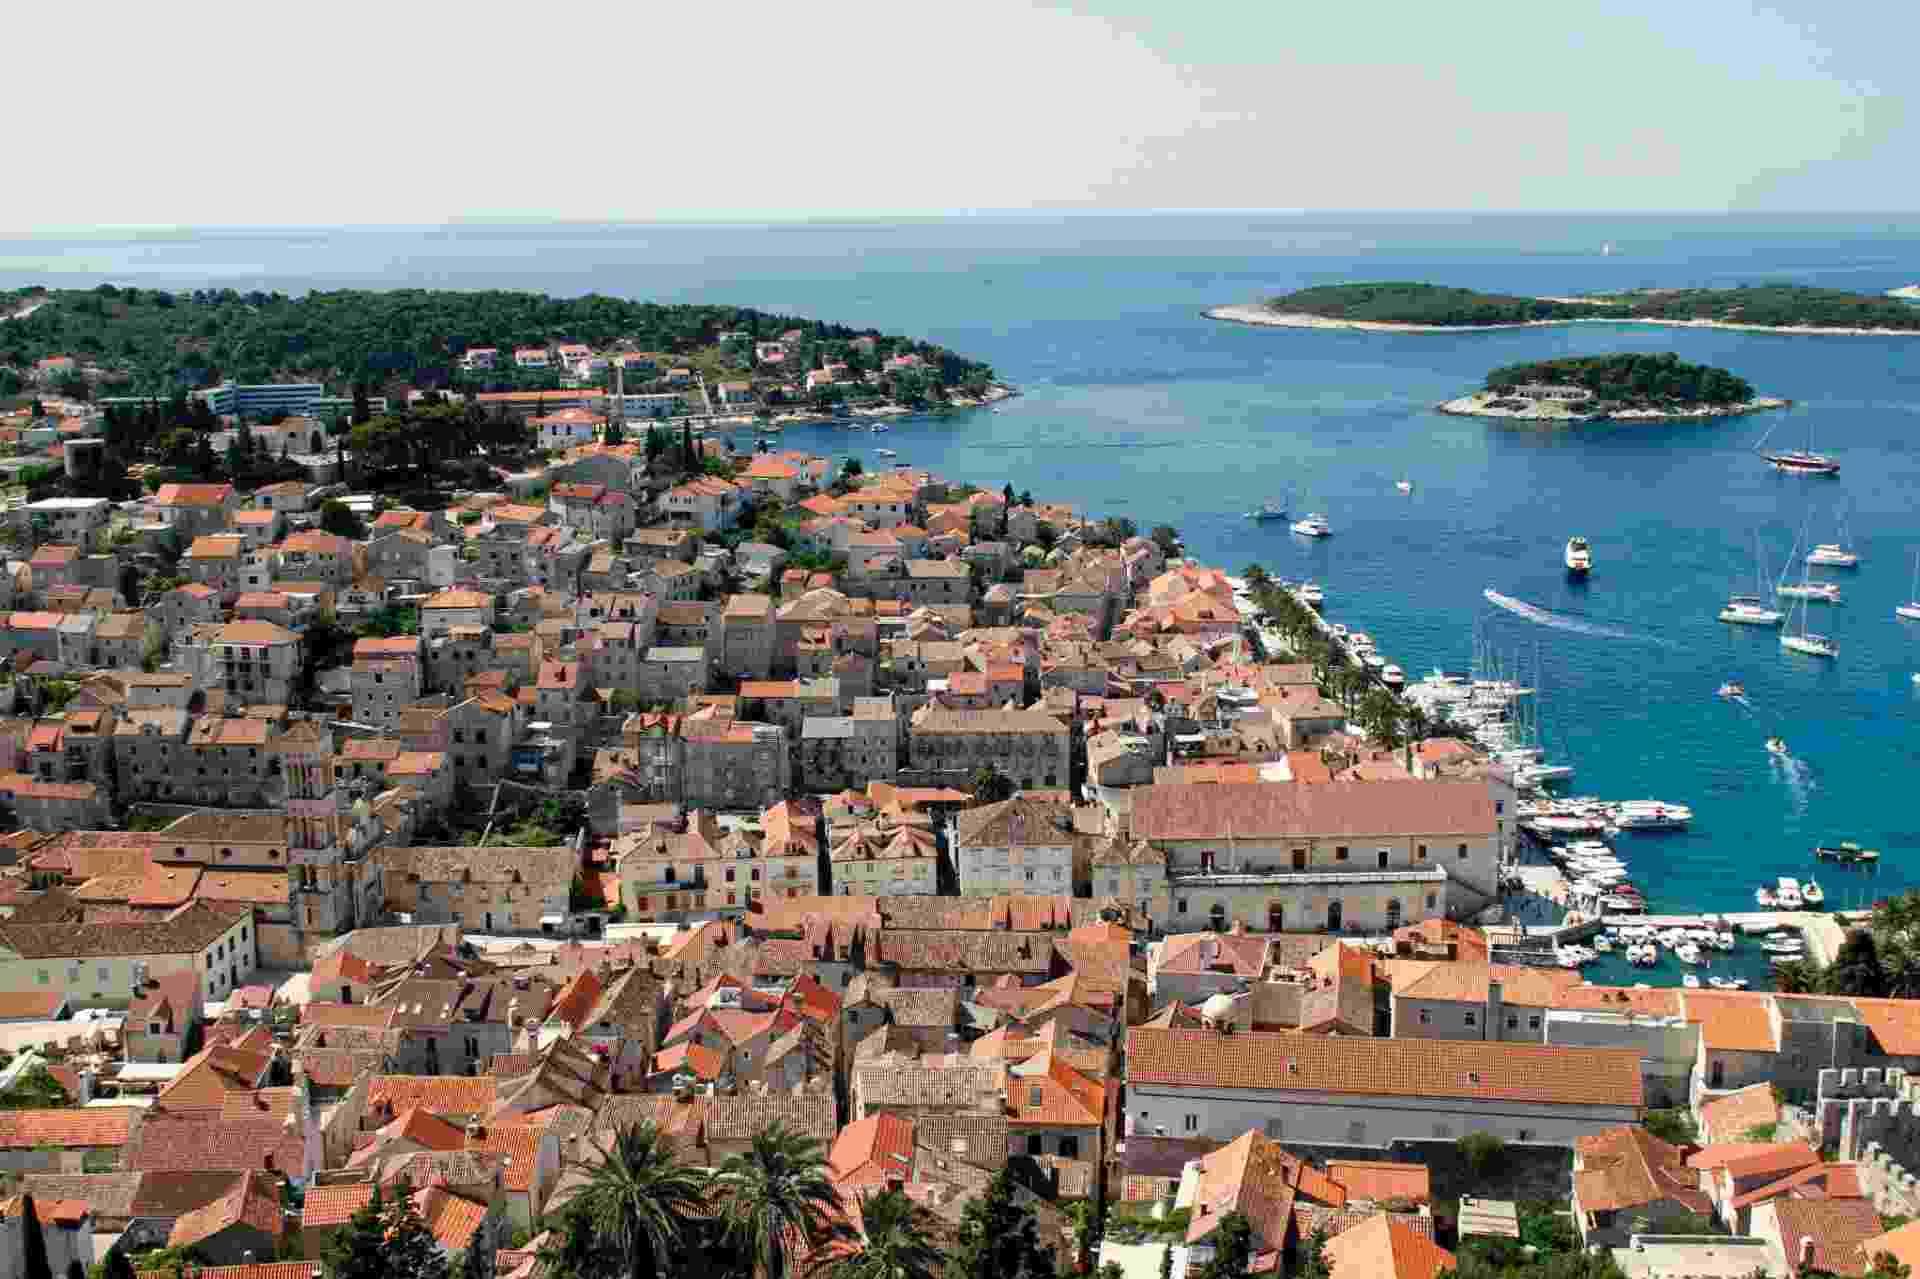 Hvar é uma ilha no Mar Adriático que fica na região da Dalmácia, na Croácia - Filip Horvat/The New York Times